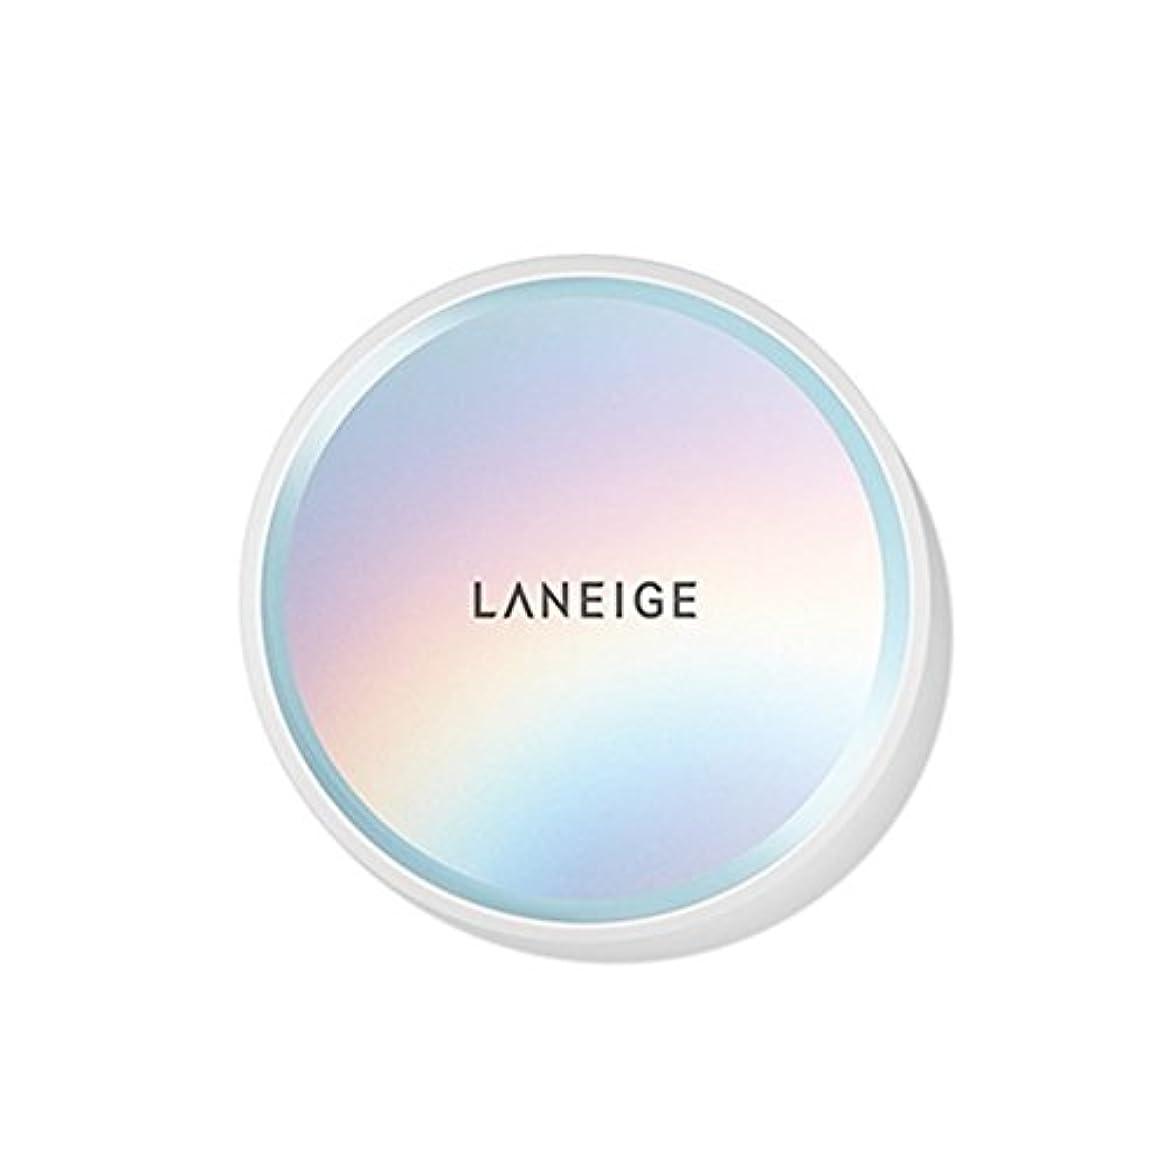 強いますブランド名変形【ラネージュ】 LANEIGE BB Cushion Pore Control BBクッションポアコントロール 【韓国直送品】 OOPSPANDA (4.No. 23 Sand)